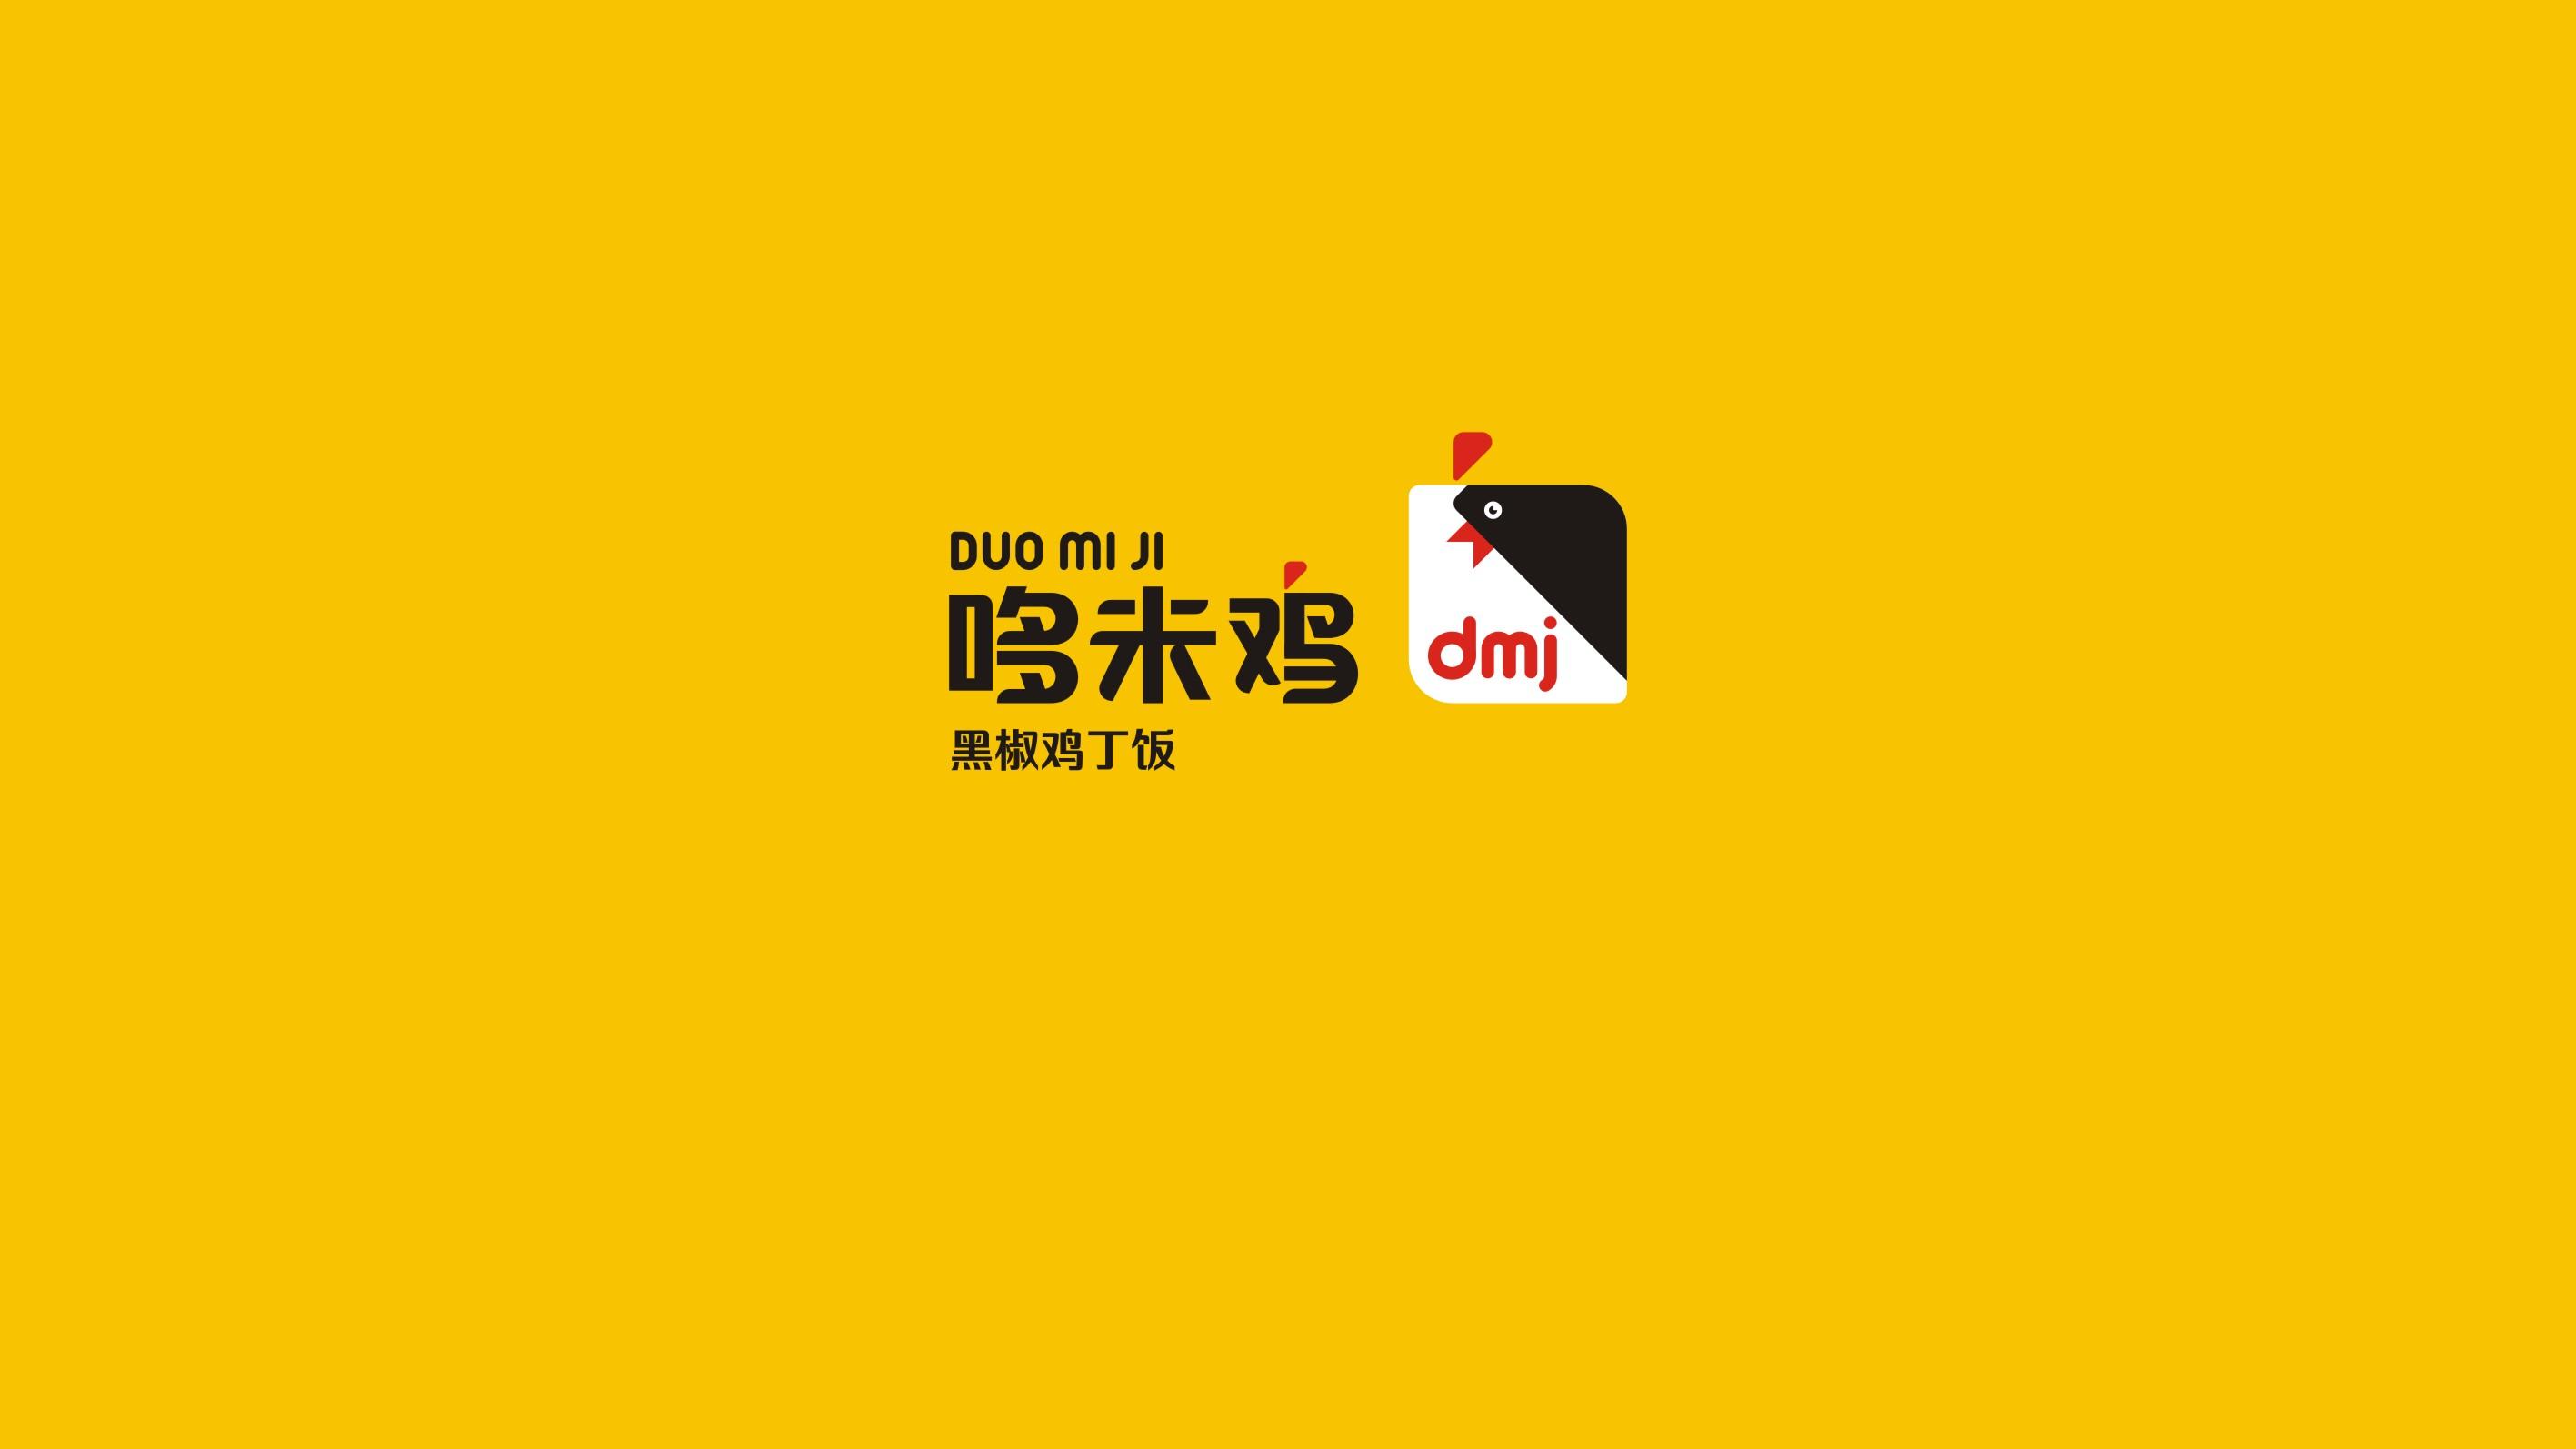 文字图形图像图文水印字母中国风国际化品牌包装设计logo设计